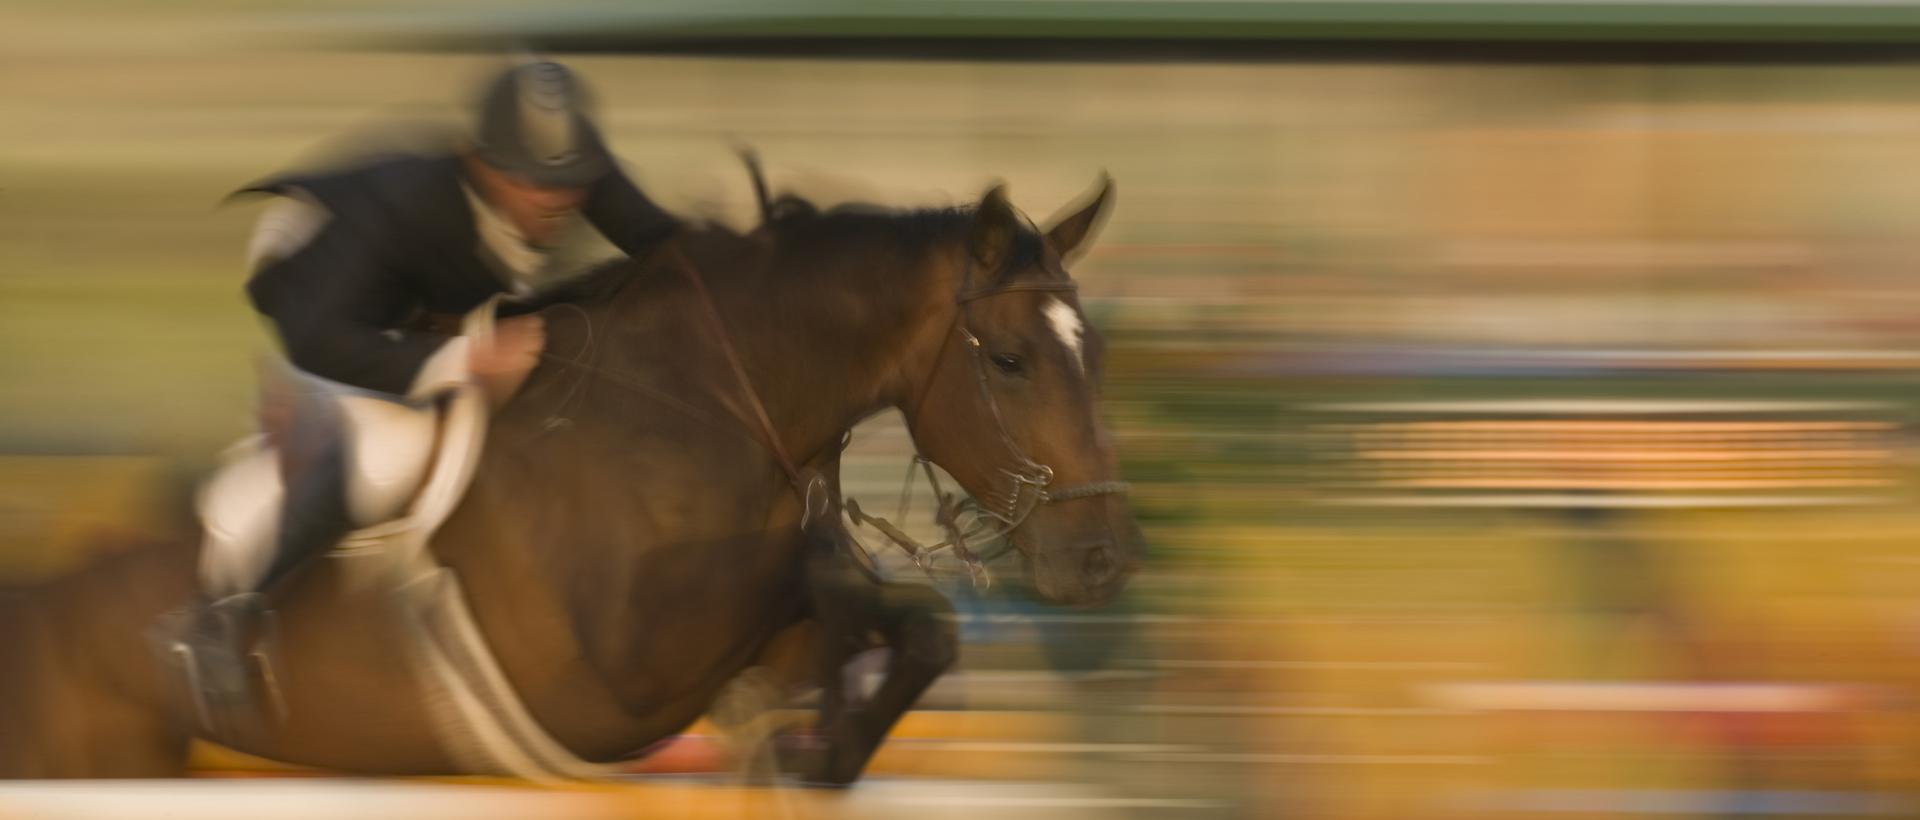 Horse Supplies Lexington Ky